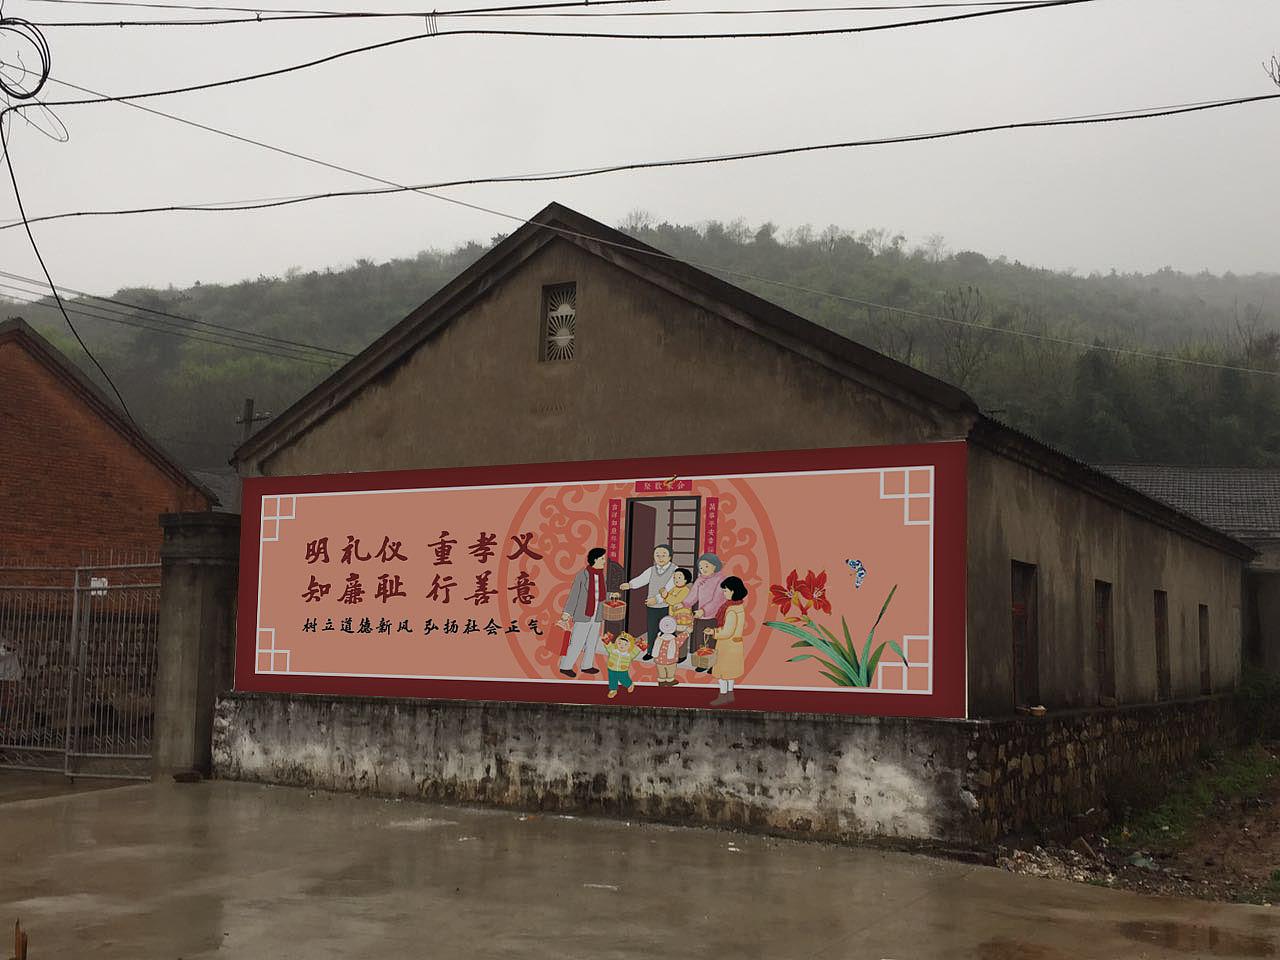 南昌墙绘公司,南昌学校墙体绘画,南昌手绘涂鸦